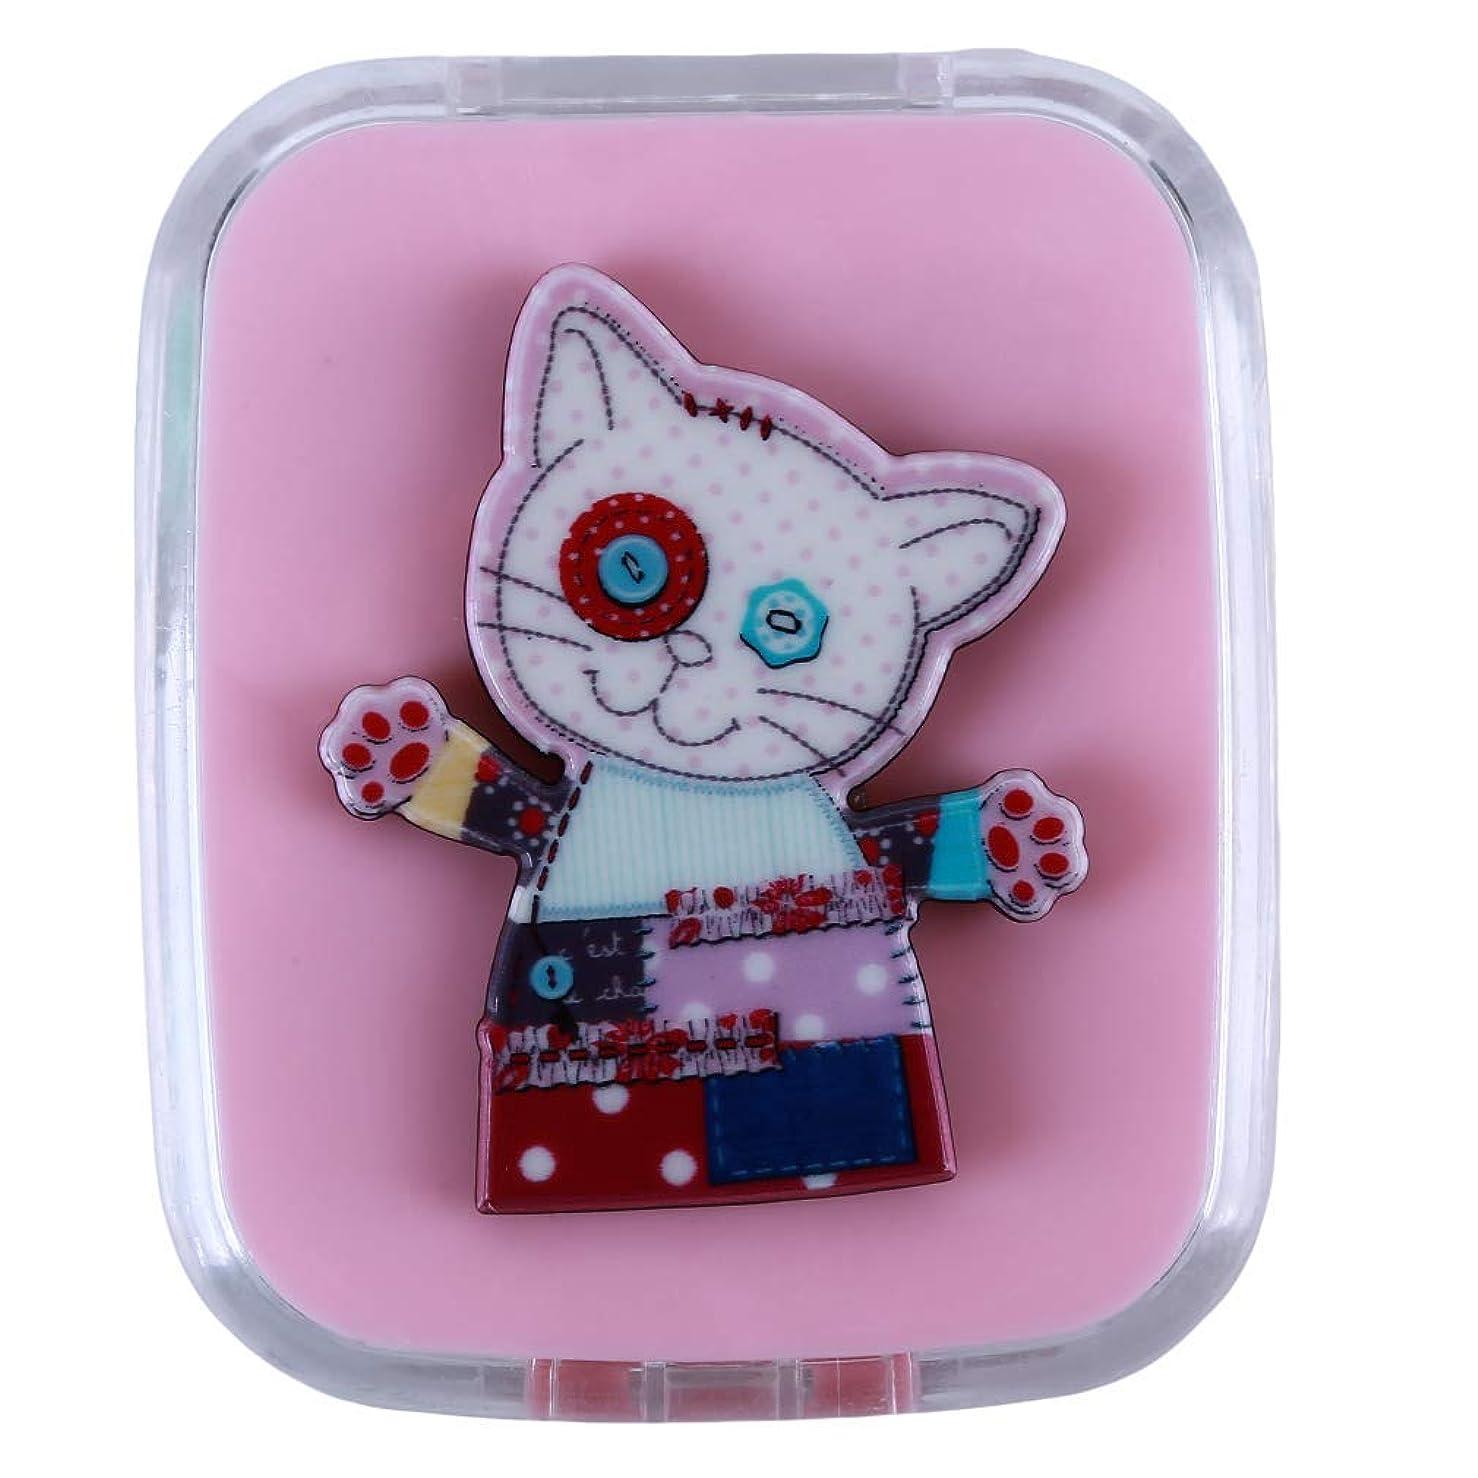 出版大統領言及する1st market プレミアム コンタクトレンズケース コンタクトレンズボックス レンズケースセット コンタクト ケアパレット スティック ミラーケース 持ち運びに便利 携帯 動物 猫 可愛い 便利